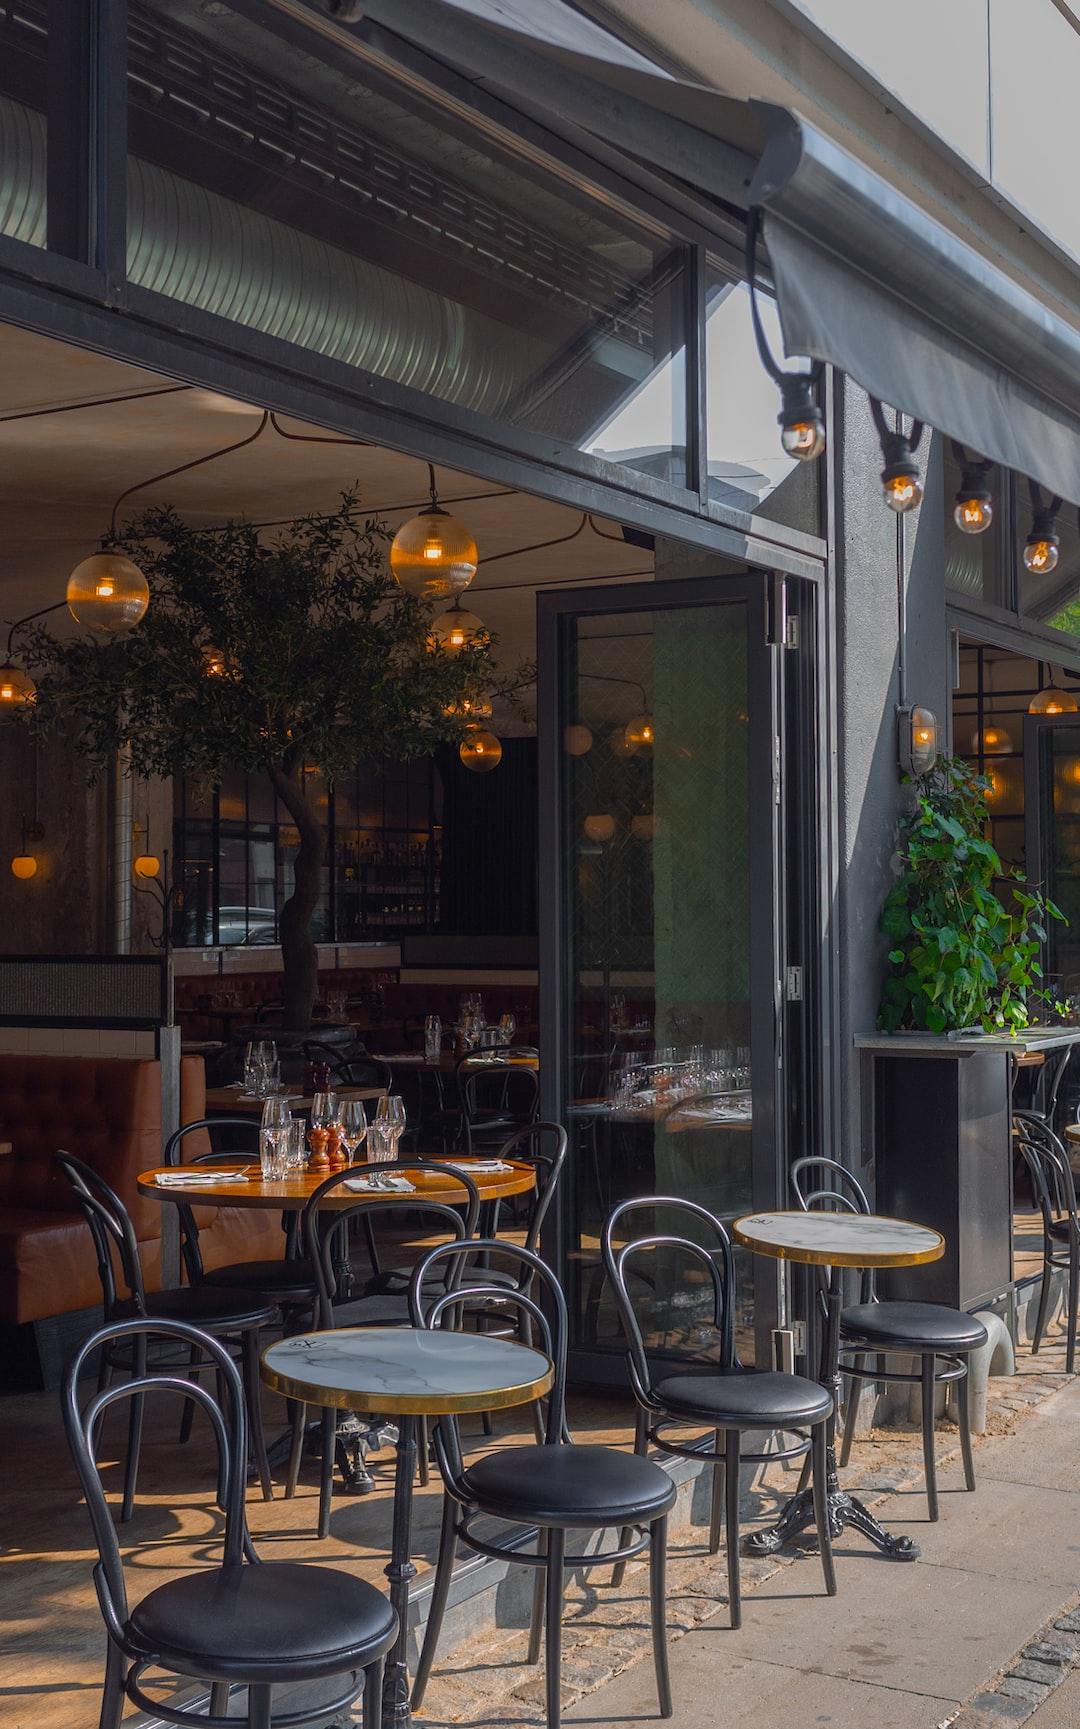 Restaurant Furniture for Georgia